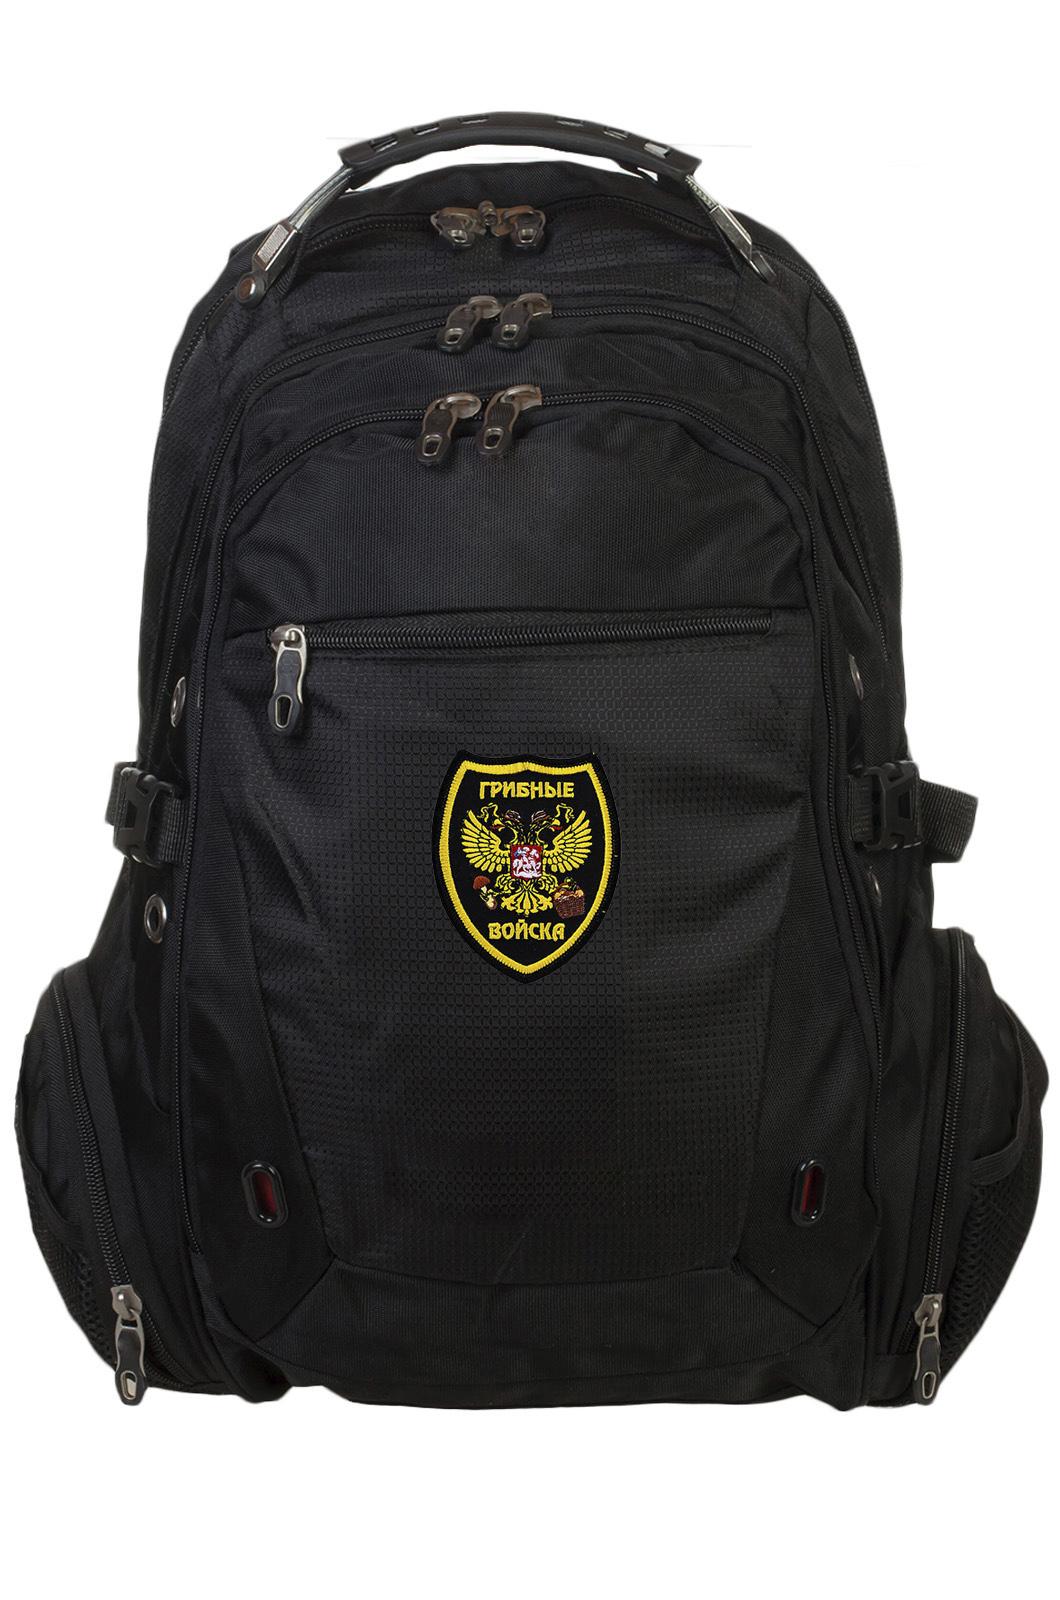 Черный городской рюкзак с нашивкой Грибных войск